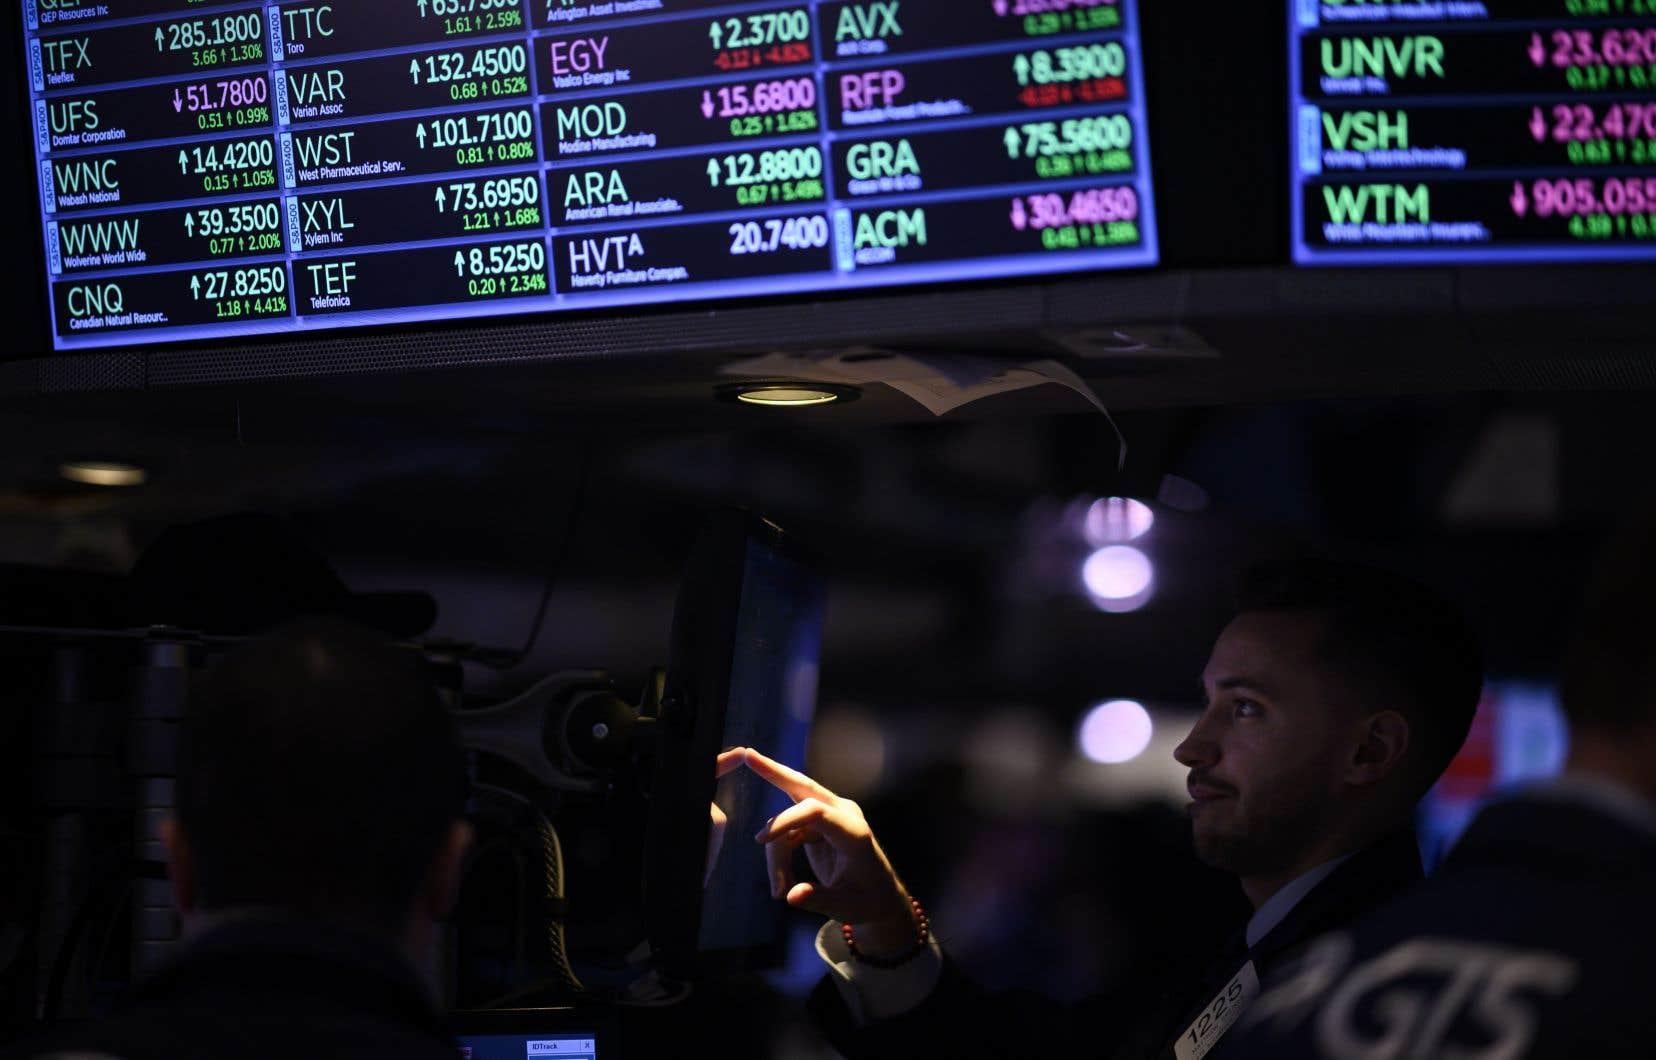 Environ 4000 milliards de dettes obligataires arriveront à échéance d'ici trois ans et obligeront leurs entreprises à les rembourser ou à les refinancer dans un contexte moins favorable.